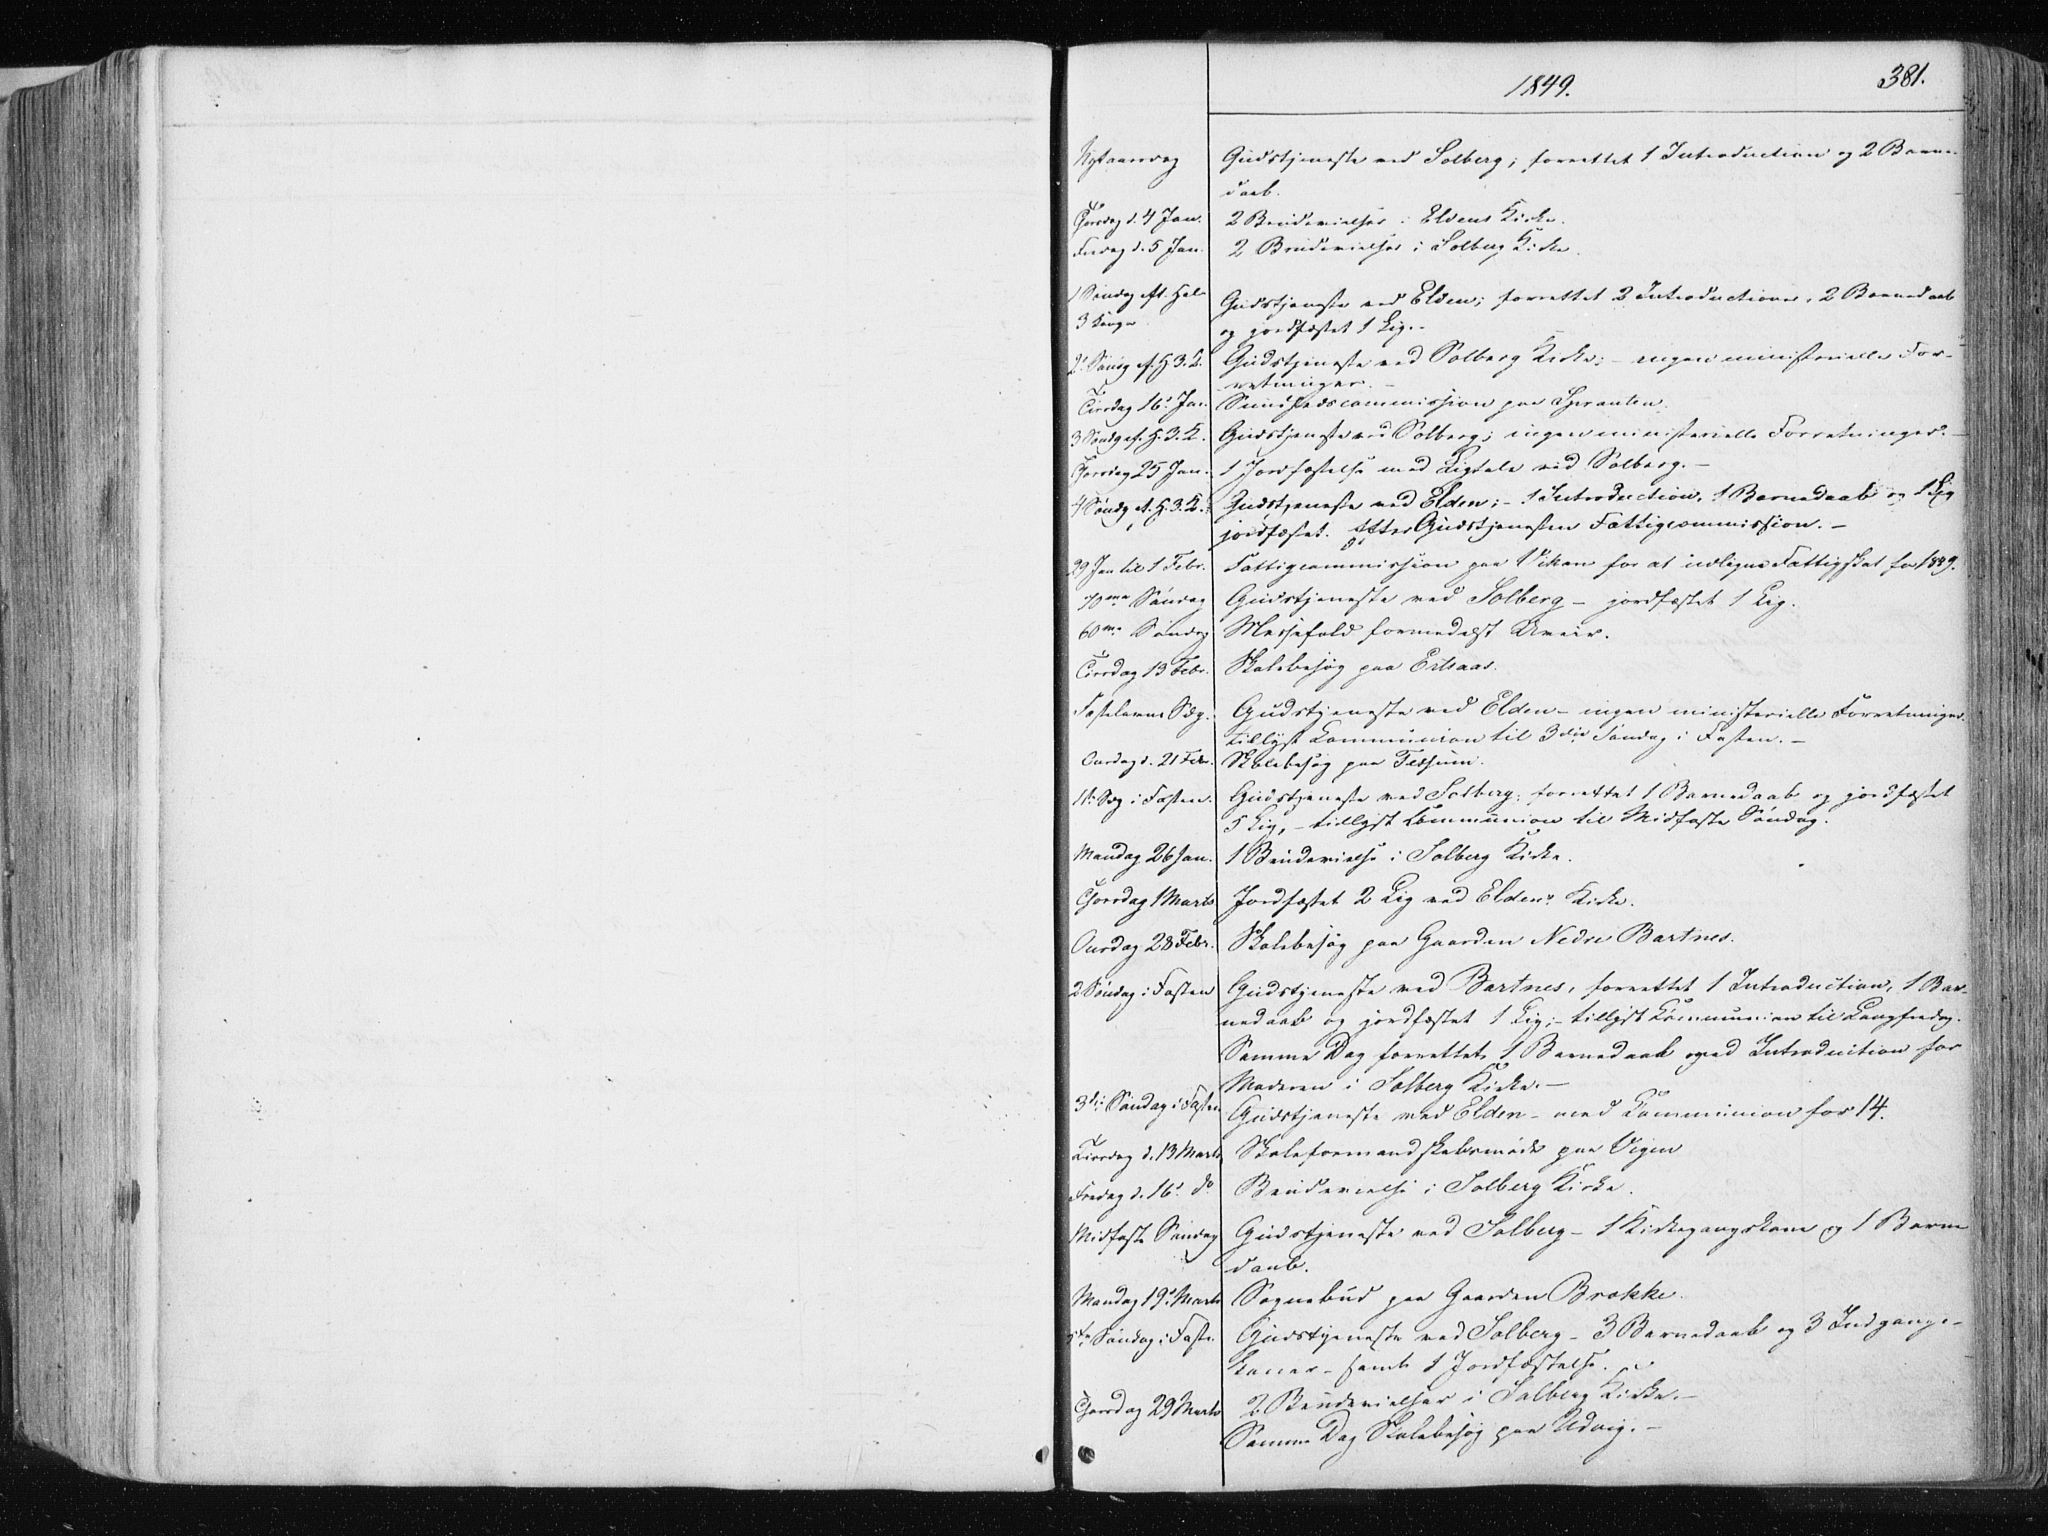 SAT, Ministerialprotokoller, klokkerbøker og fødselsregistre - Nord-Trøndelag, 741/L0393: Ministerialbok nr. 741A07, 1849-1863, s. 381